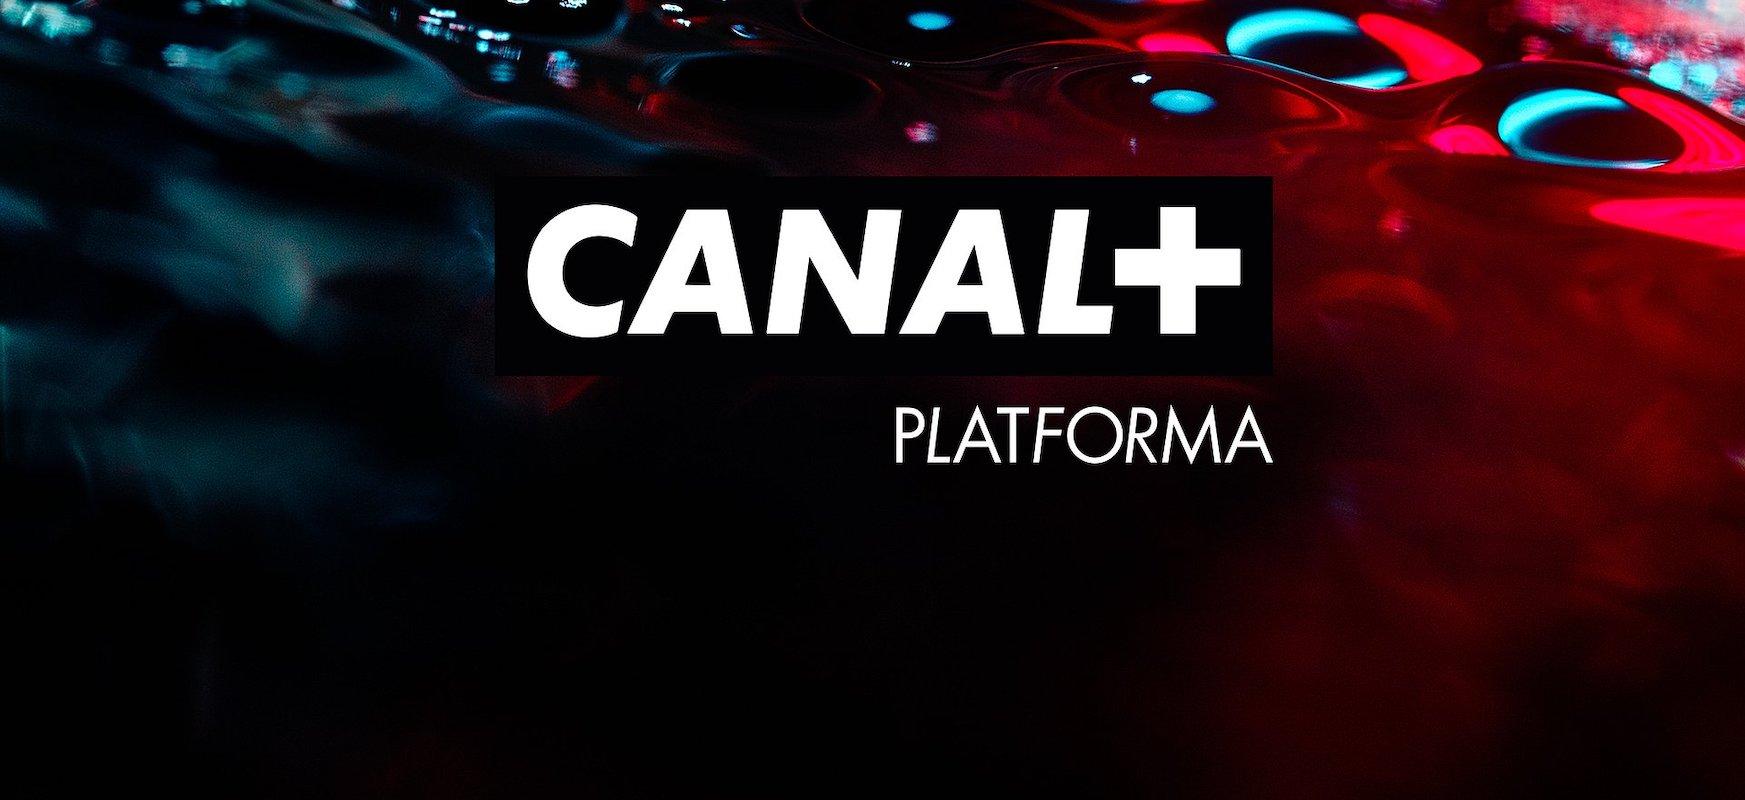 Canal +-ek bideo berria jarri du abian eskaera zerbitzuan.  Netflix eta kable bidezko telebista klasikoentzako lehia da